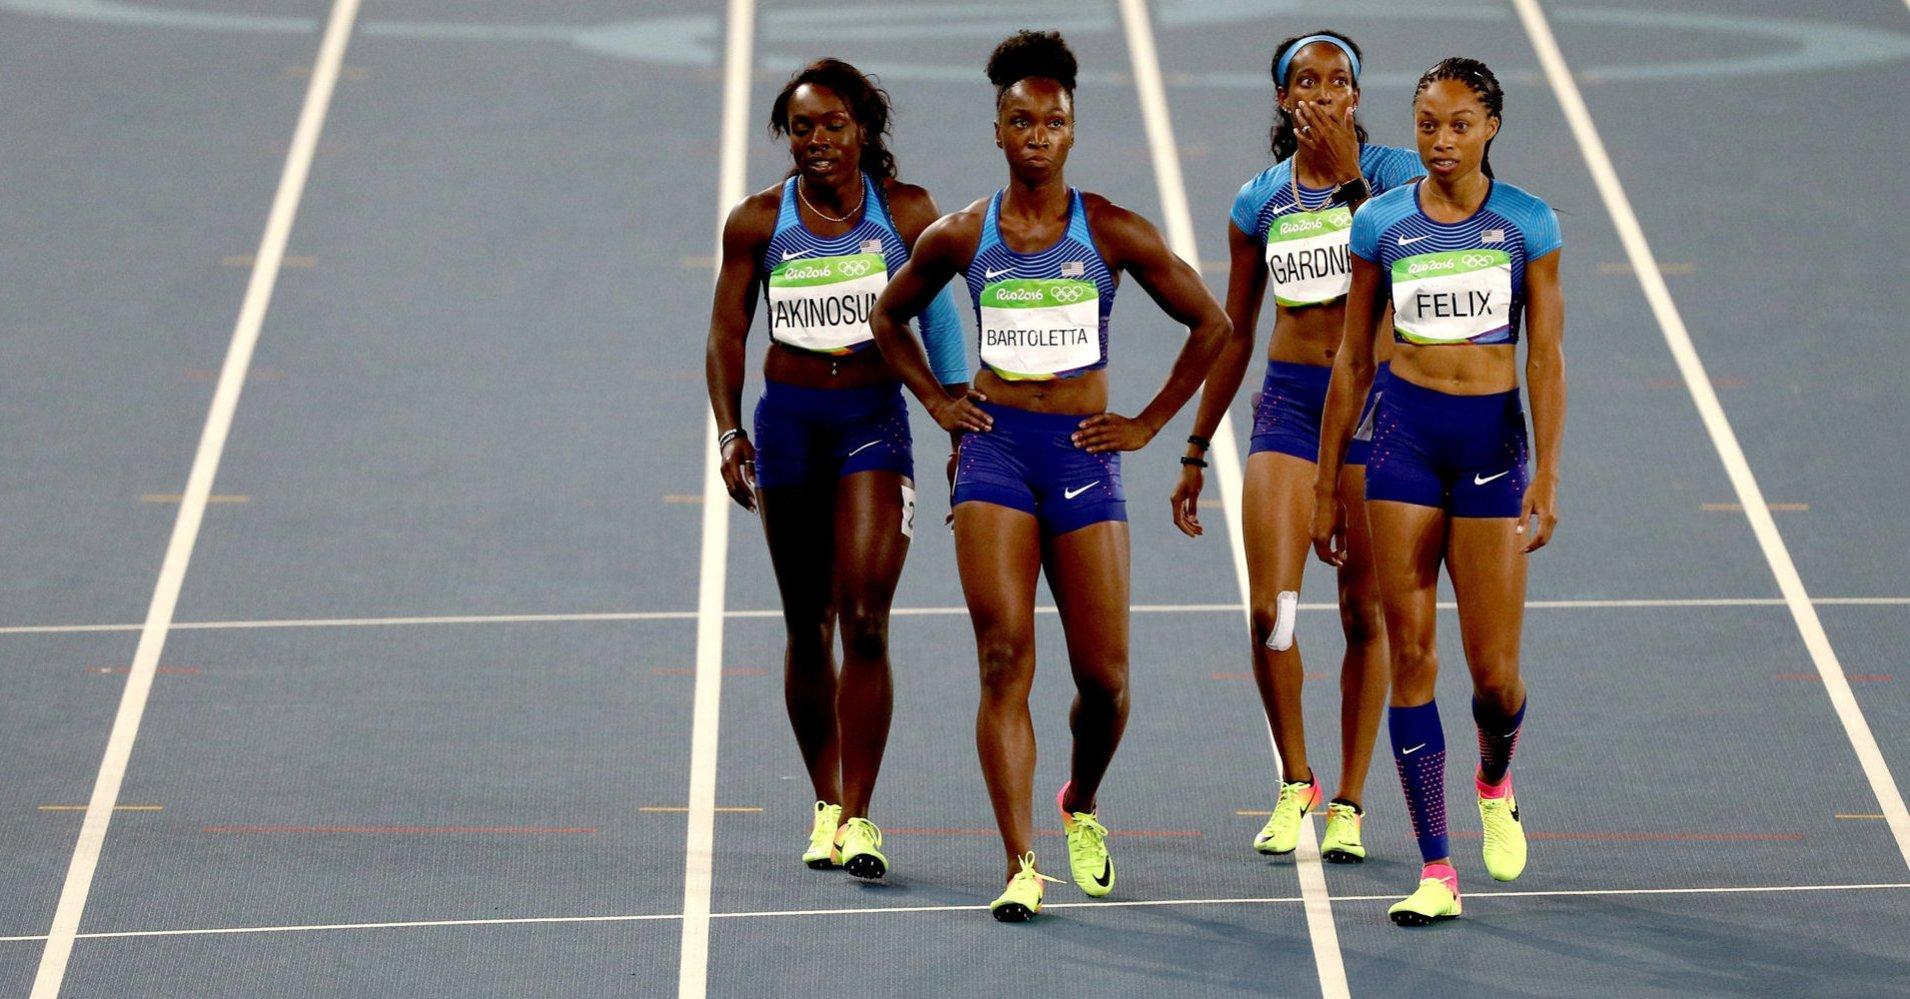 China enfurece por la inédita repetición del 4x100 femenino de EE.UU.